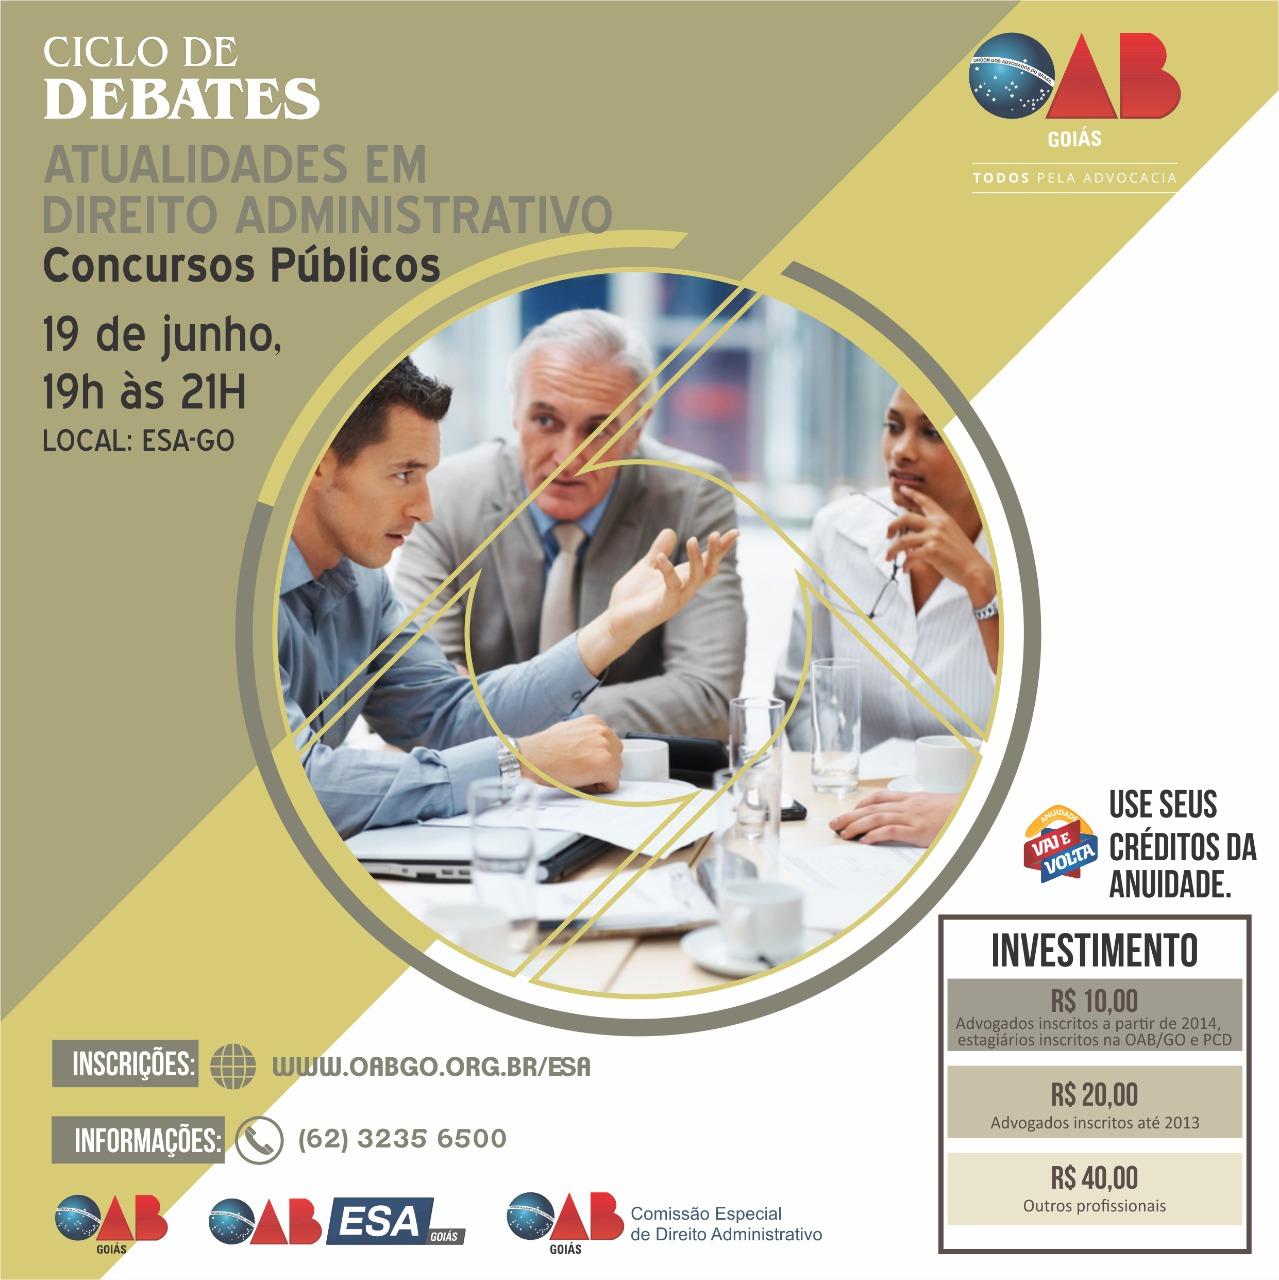 19.06 - Ciclo de Debates - Concursos Públicos